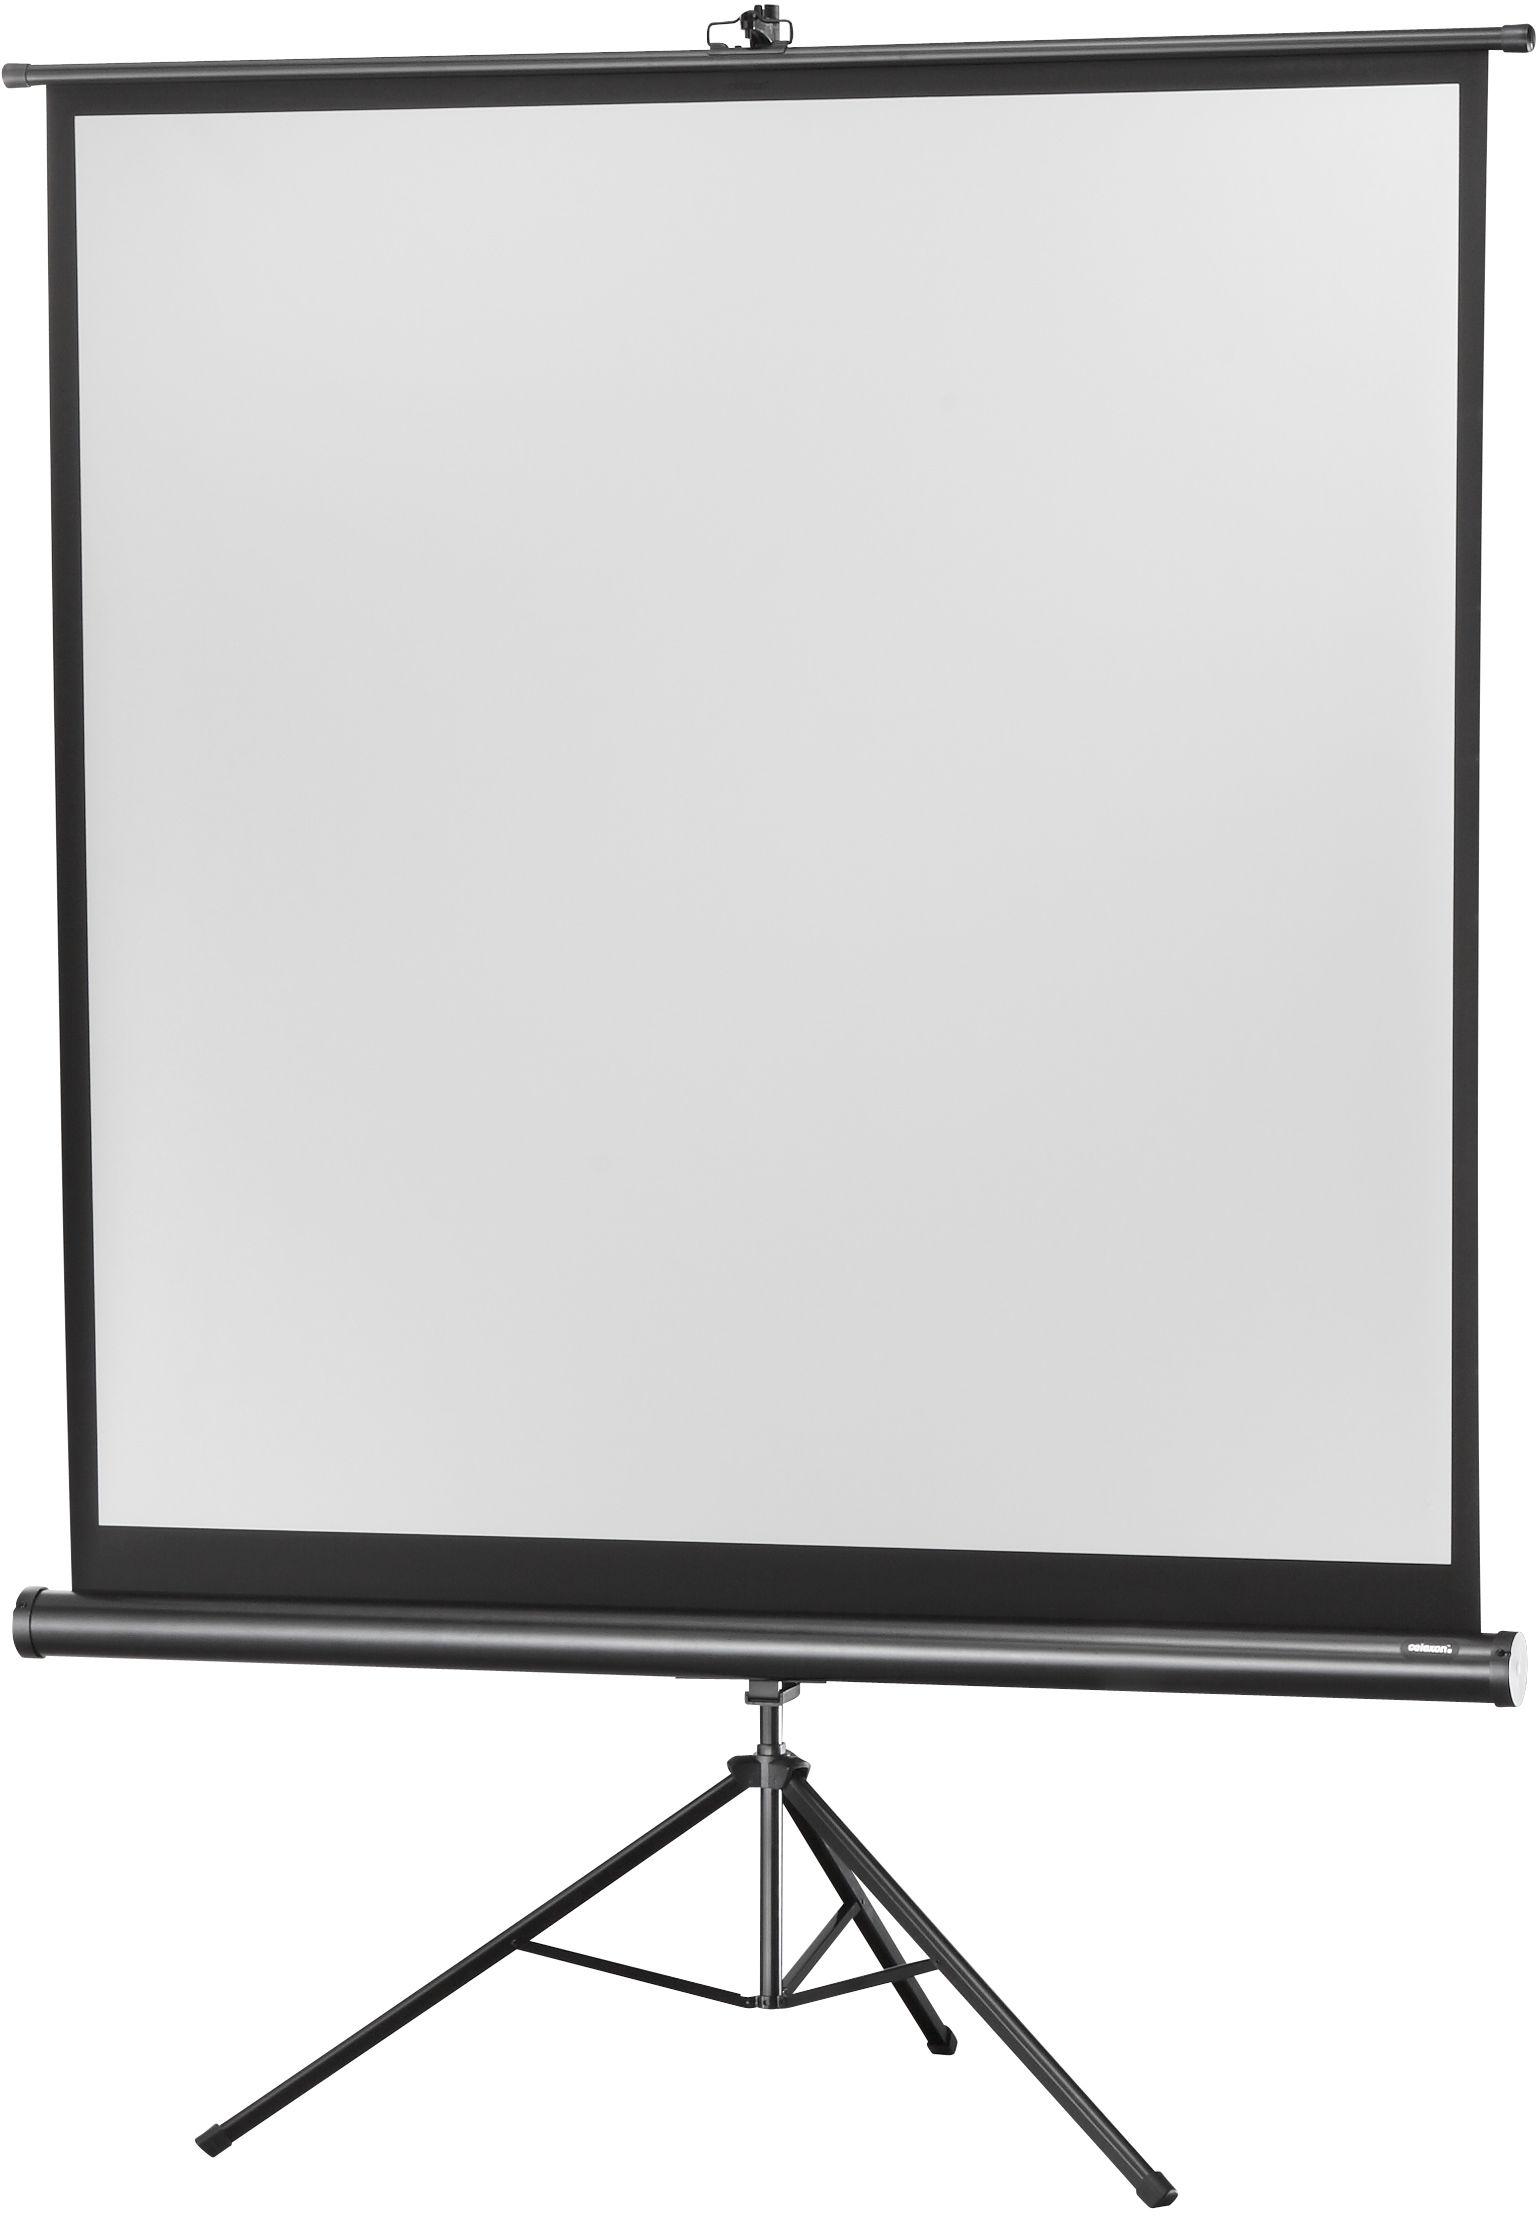 celexon Economy 158 x 158 cm ekran projekcyjny na trójnogu - Biala edycja